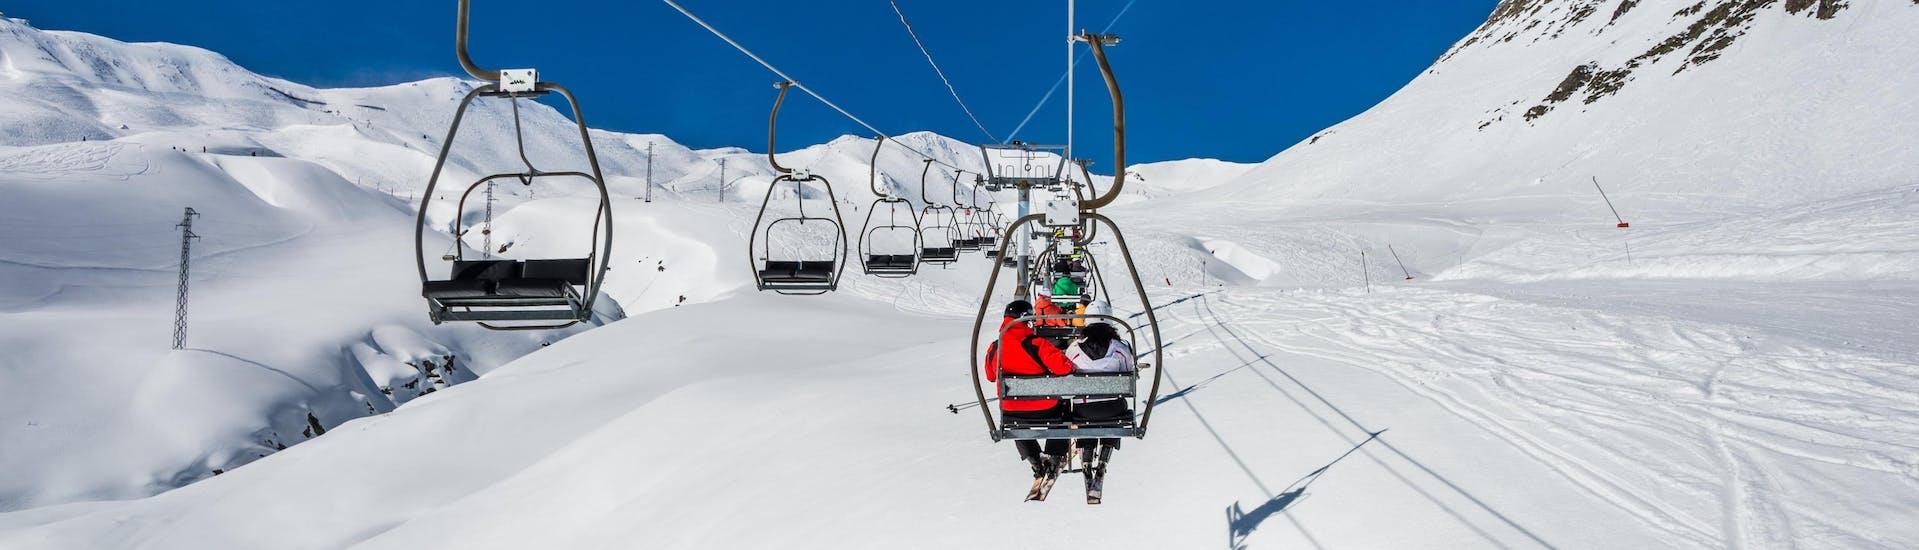 Imagen de un telesilla que lleva a los esquiadores hasta el inicio de la pista de esquí de la estación de esquí de Formigal, donde los visitantes que quieren aprender a esquiar pueden reservar clases de esquí con las escuelas de esquí locales.